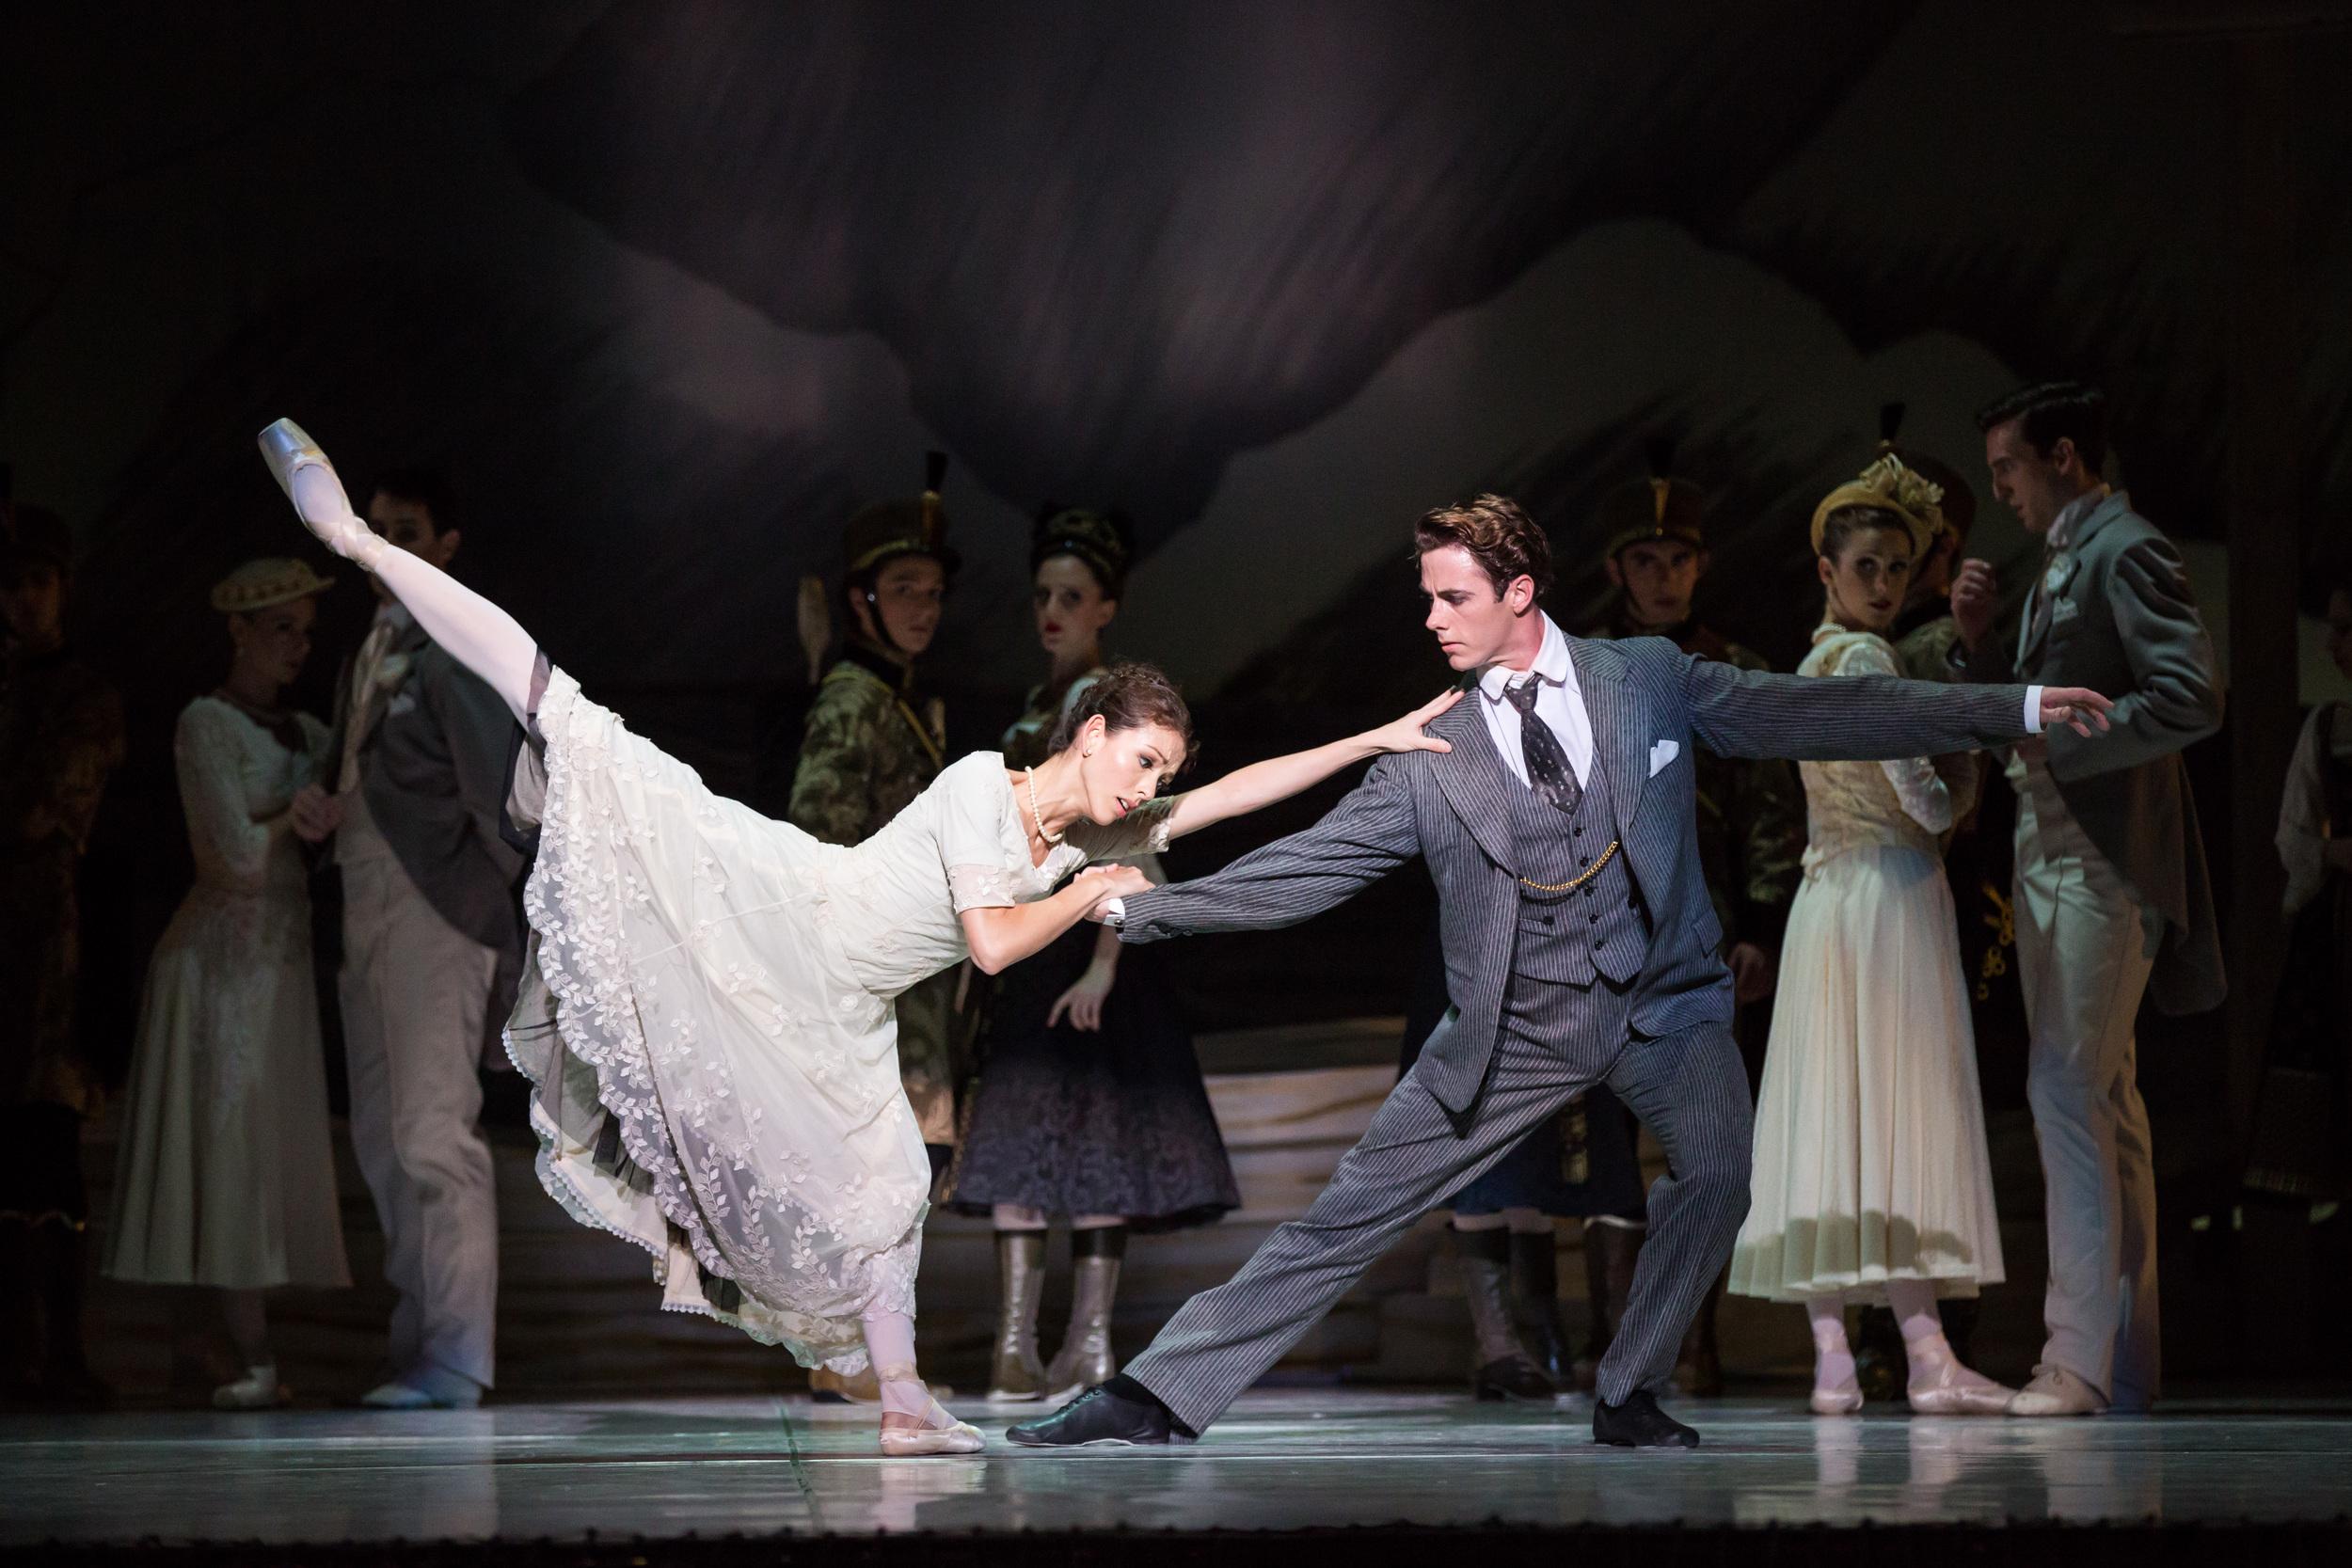 Juliet Burnett as Odette with Rudy Hawkes as Prince Siegfried in Graeme Murphy's Swan Lake